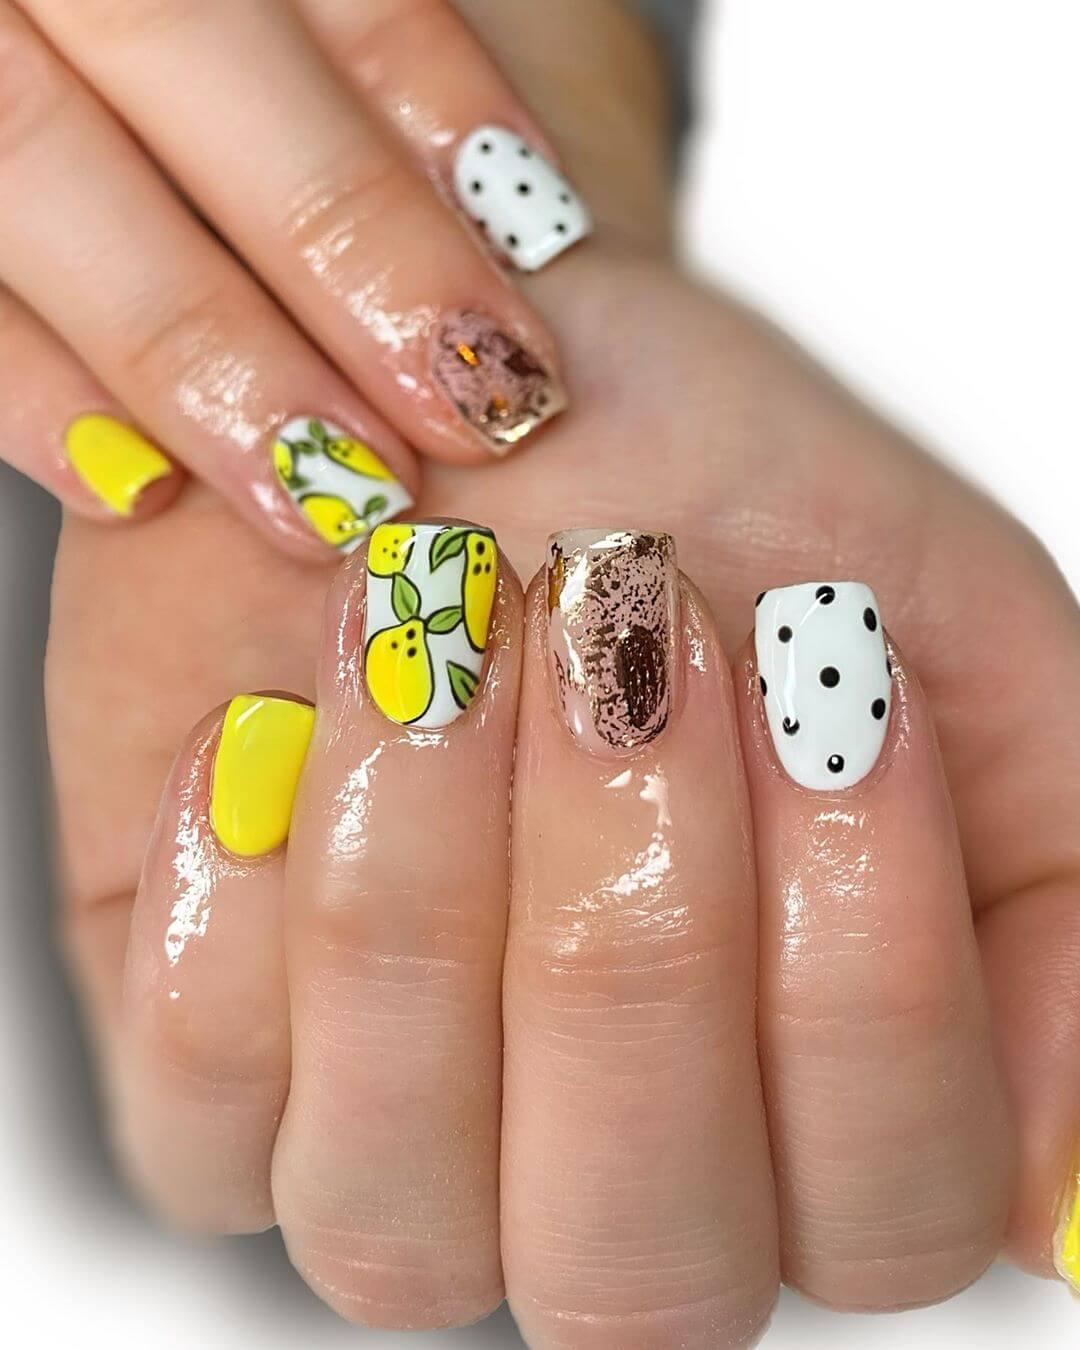 Lemon with Abstract Polka Dot Nail Design